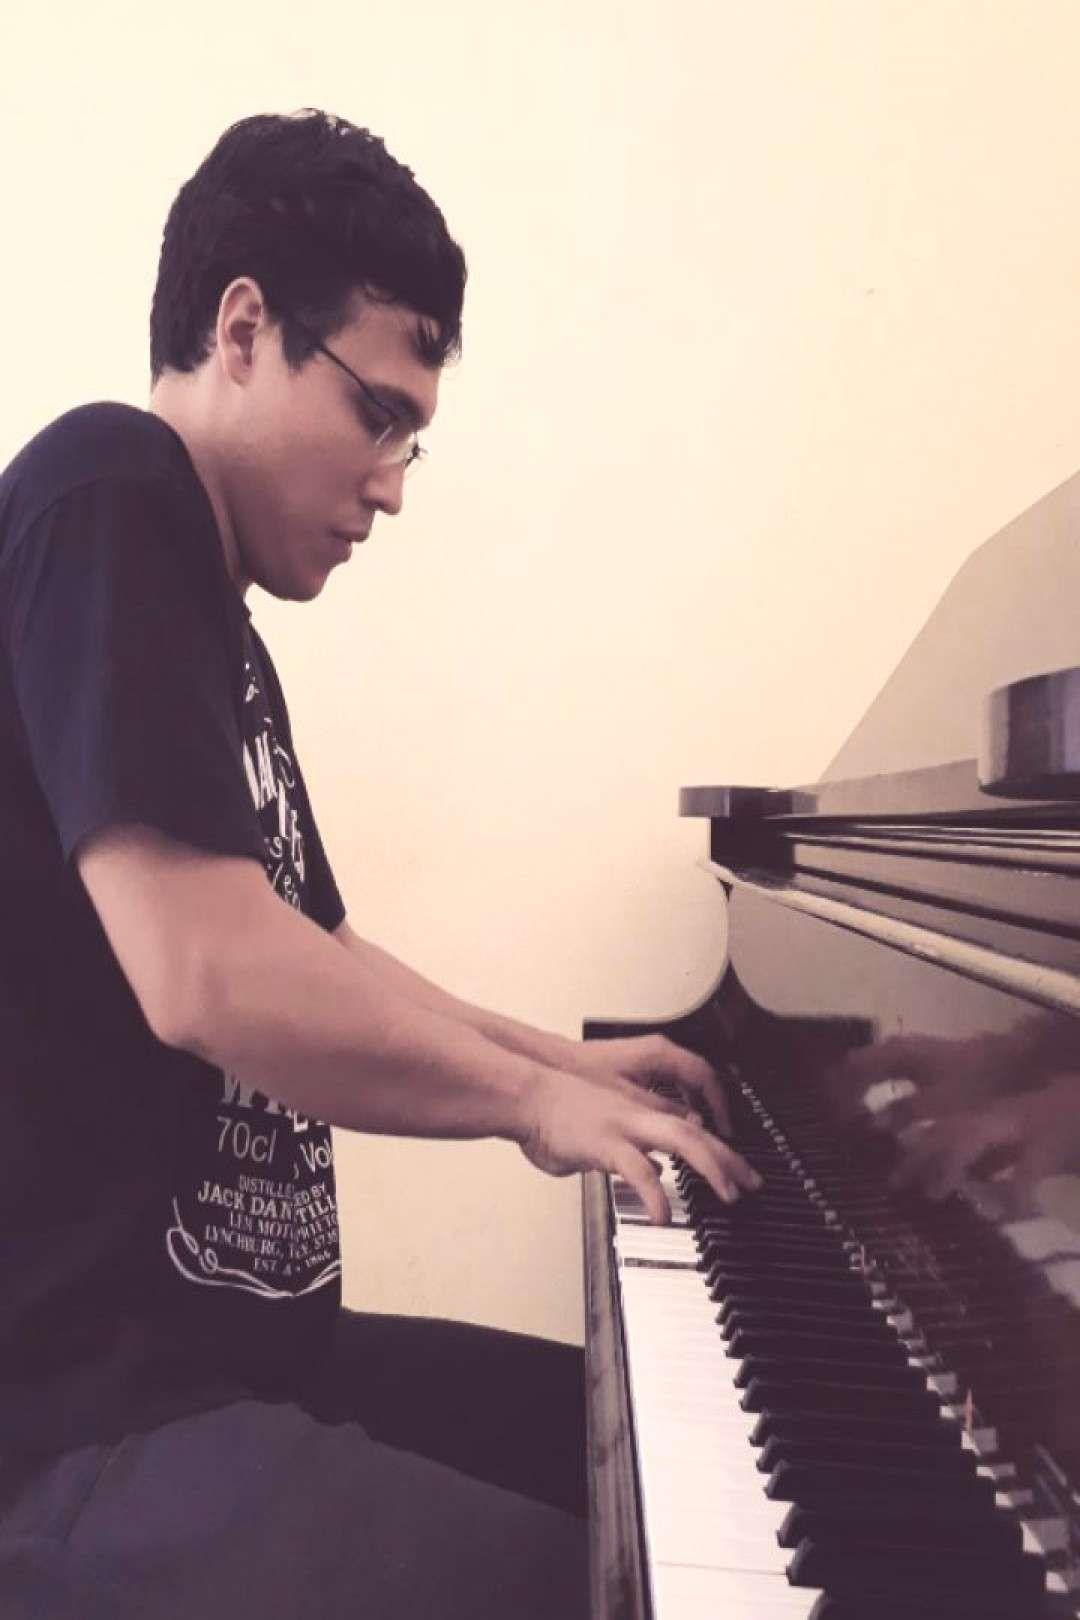 #pianokeys #acuerdad #antiguo #apagado #sonido #piano #tenso #este #muy #es #su Este piano es muy antiguo, su sonido es apagado, tenso,